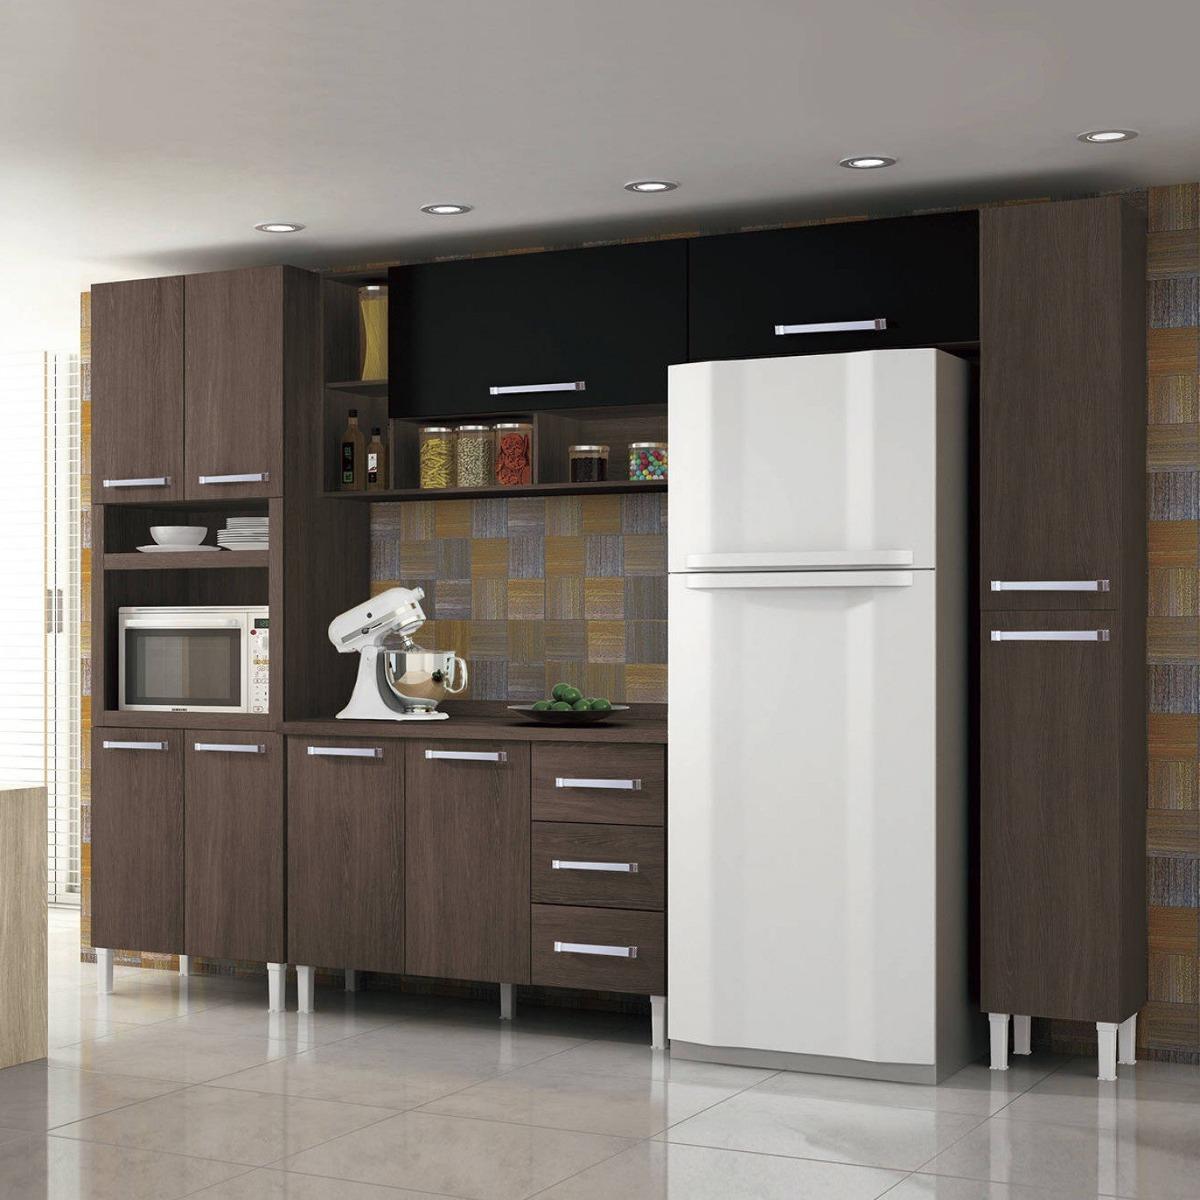 Cozinha Completa Balc O Com Tampo 5 Pe As Sophia Dh R 1 399 90 Em